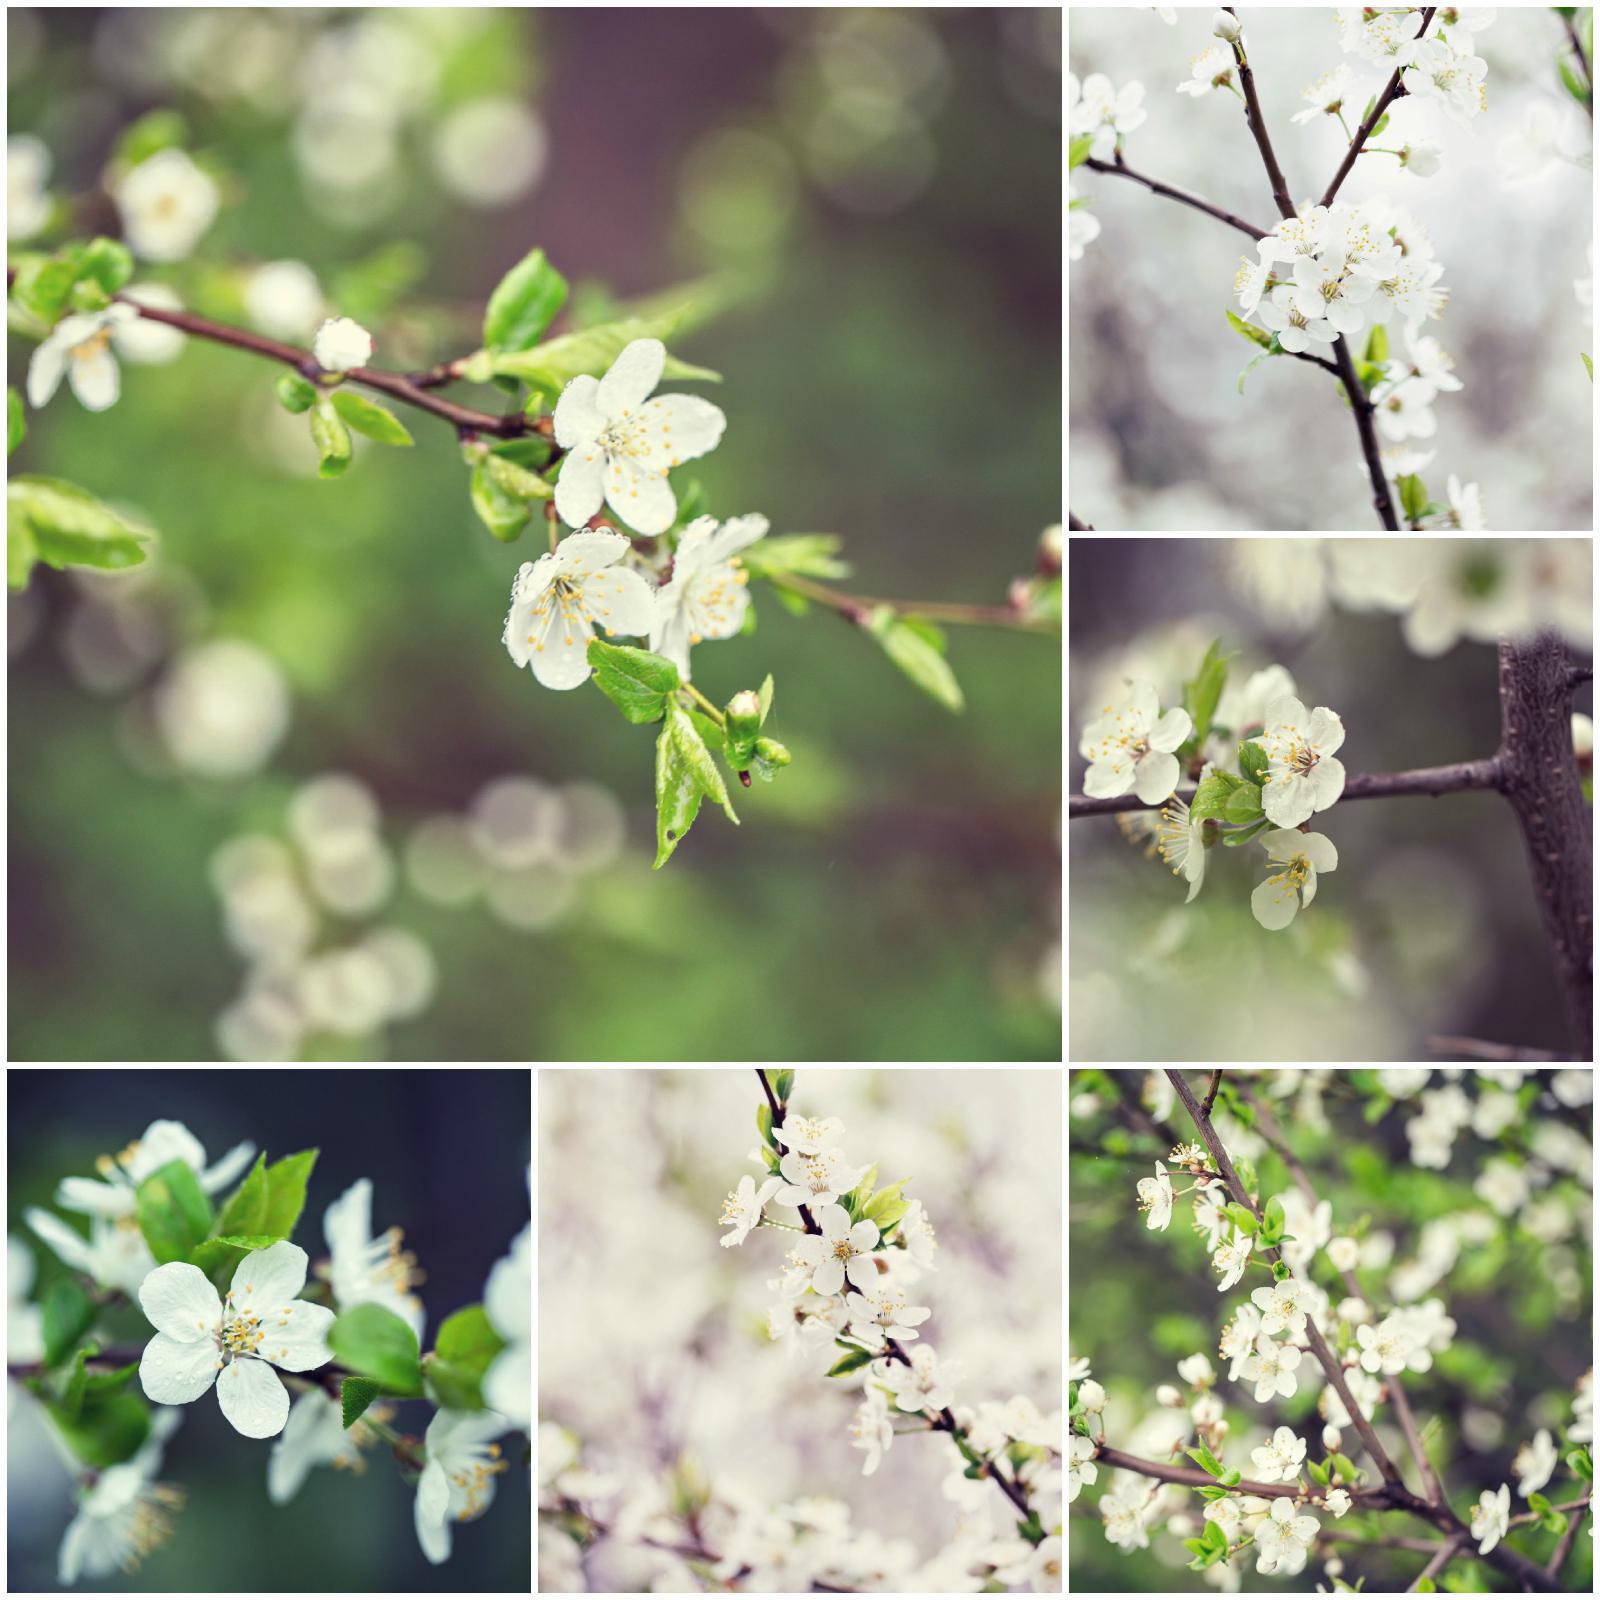 wiosenne kwitnienie